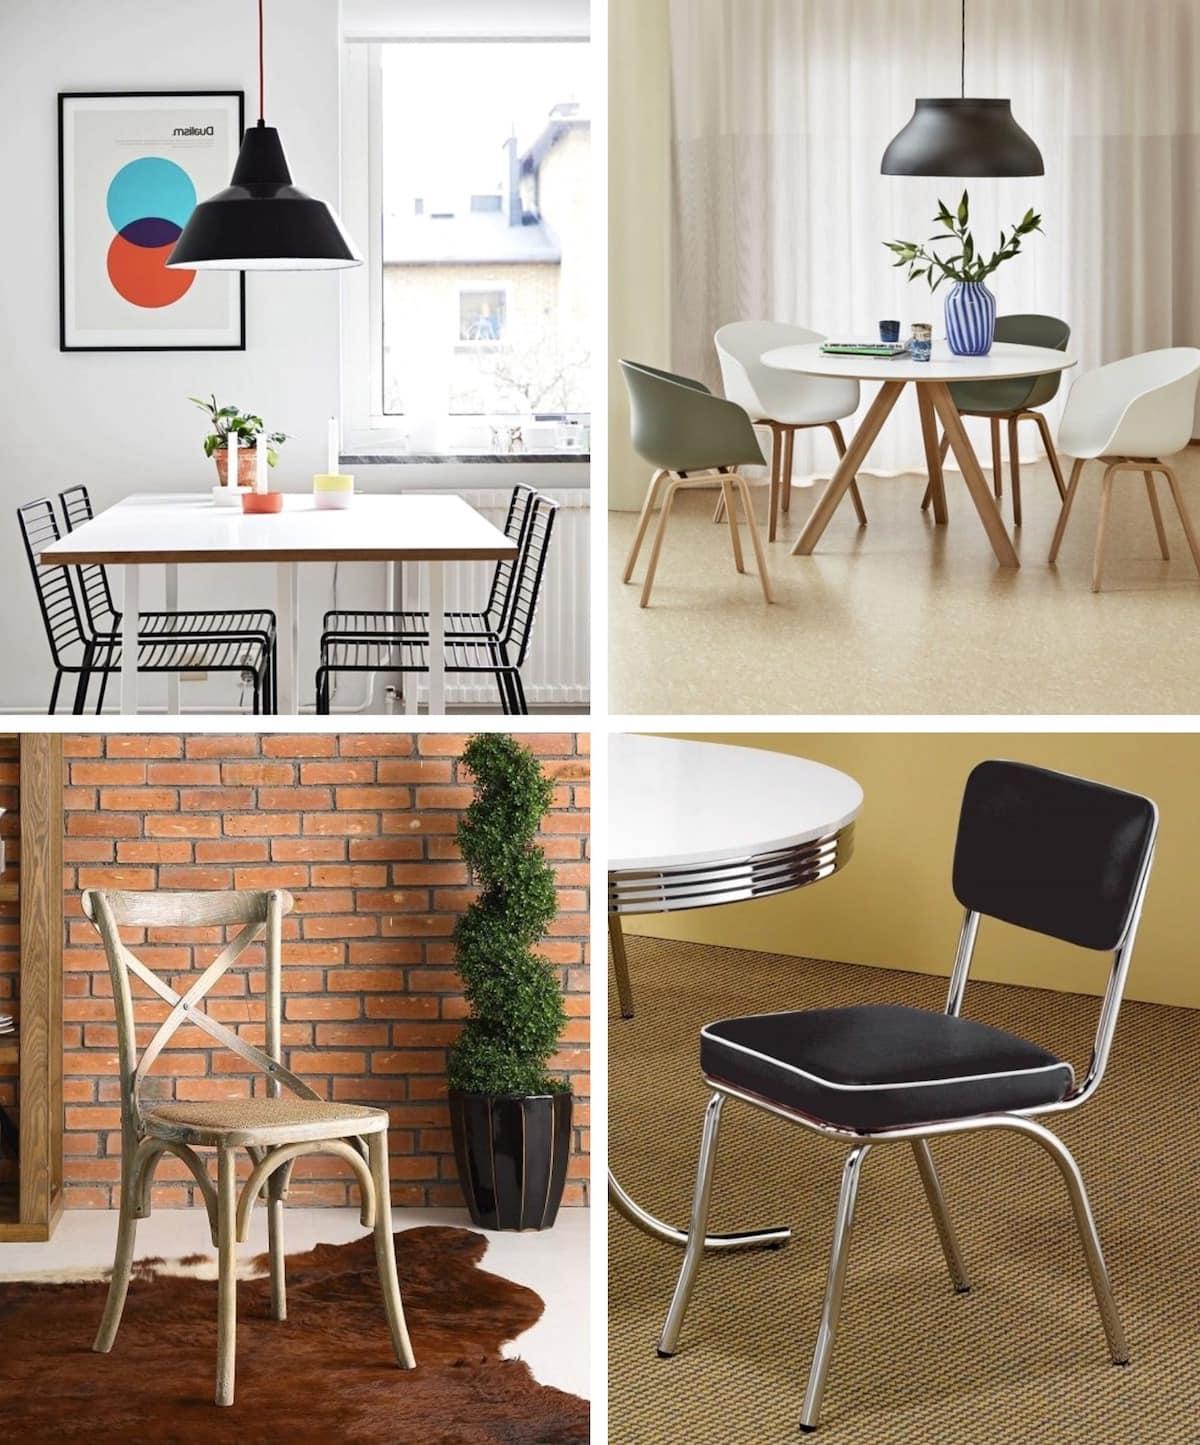 Мебельный гарнитур для кухни должен быть выполнен в спокойной цветовой гамме